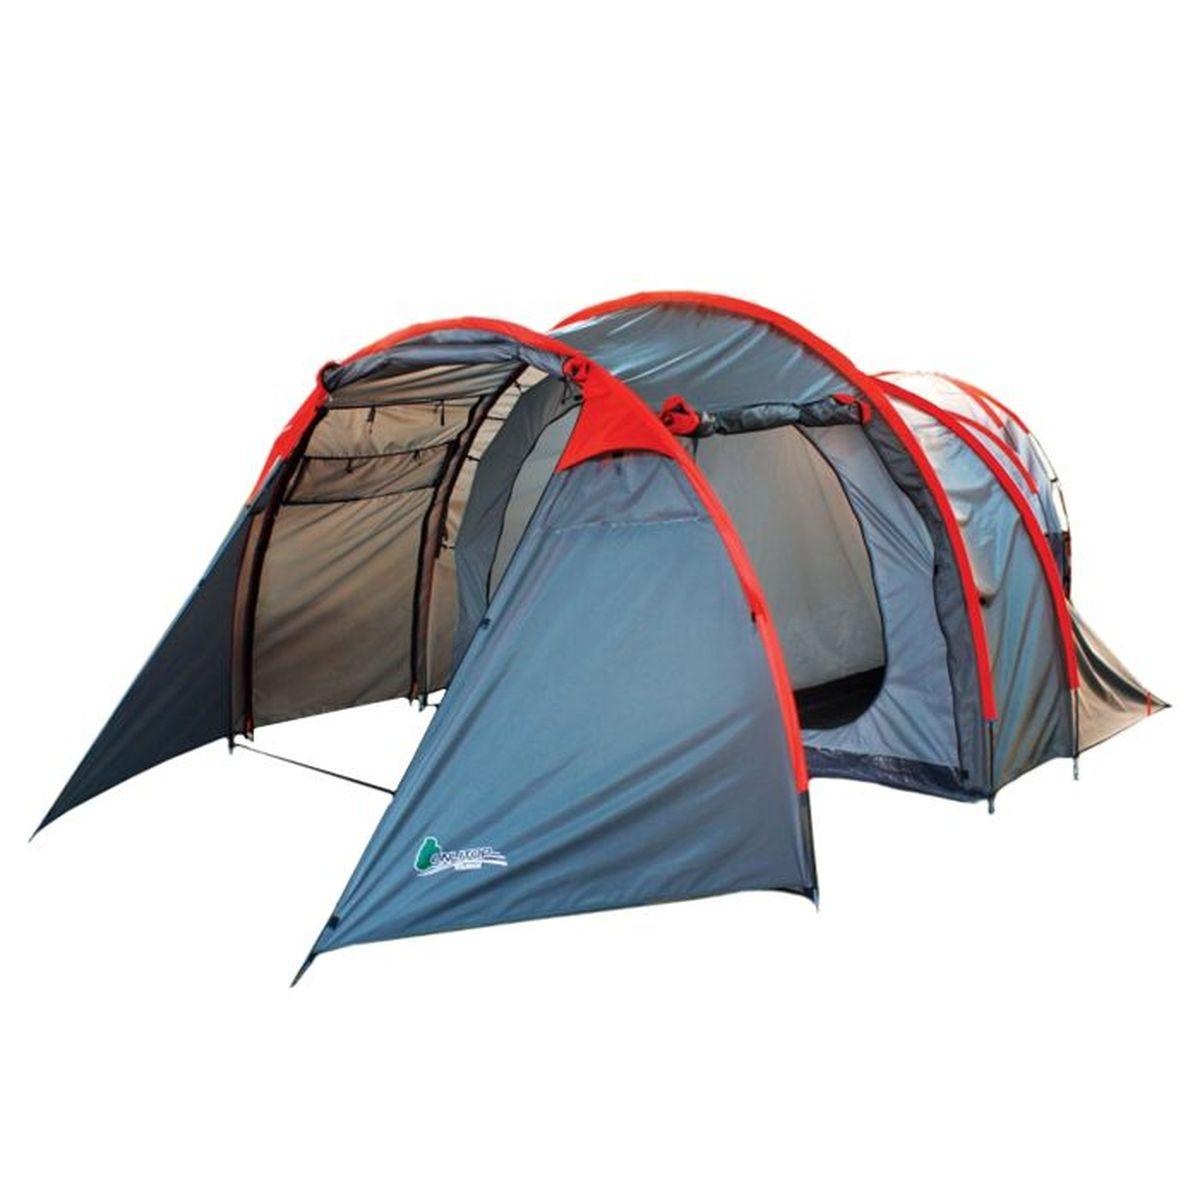 Палатка туристическая Onlitop Voyager, 4-местная, цвет: серый95414-207-00Туристическая палатка Onlitop Voyager - универсальный инвентарь для походов и семейного отдыха на природе. Она обеспечит надежную защиту от дождя, ветра и зноя, а также оградит от мелких насекомых, грызунов и змей. Увеличенный тамбур с двумя входами позволяет разместить инвентарь за пределами палатки. Шесть вентиляционных окон помогут проветрить палатку, что особенно актуально при ее большой вместимости. Несмотря на объемность, конструкция легка в сборке. Положите палатку в багажник машины, рюкзак или несите ее за удобные ручки и наслаждайтесь досугом.Конструкция палатки: - 2 палатки объединены одним большим тамбуром для хранения вещей; - 2 входа в тамбур; - отдельный вход в каждую палатку; - москитная сетка на входе.Внутреннее оснащение: - 6 вентиляционных окон; - карманы для хранения вещей.Размер палатки: 500 x 300 x 200 см (тамбур 80 см + тамбур 160 см + 2 комнаты по 130 см).Что взять с собой в поход?. Статья OZON Гид